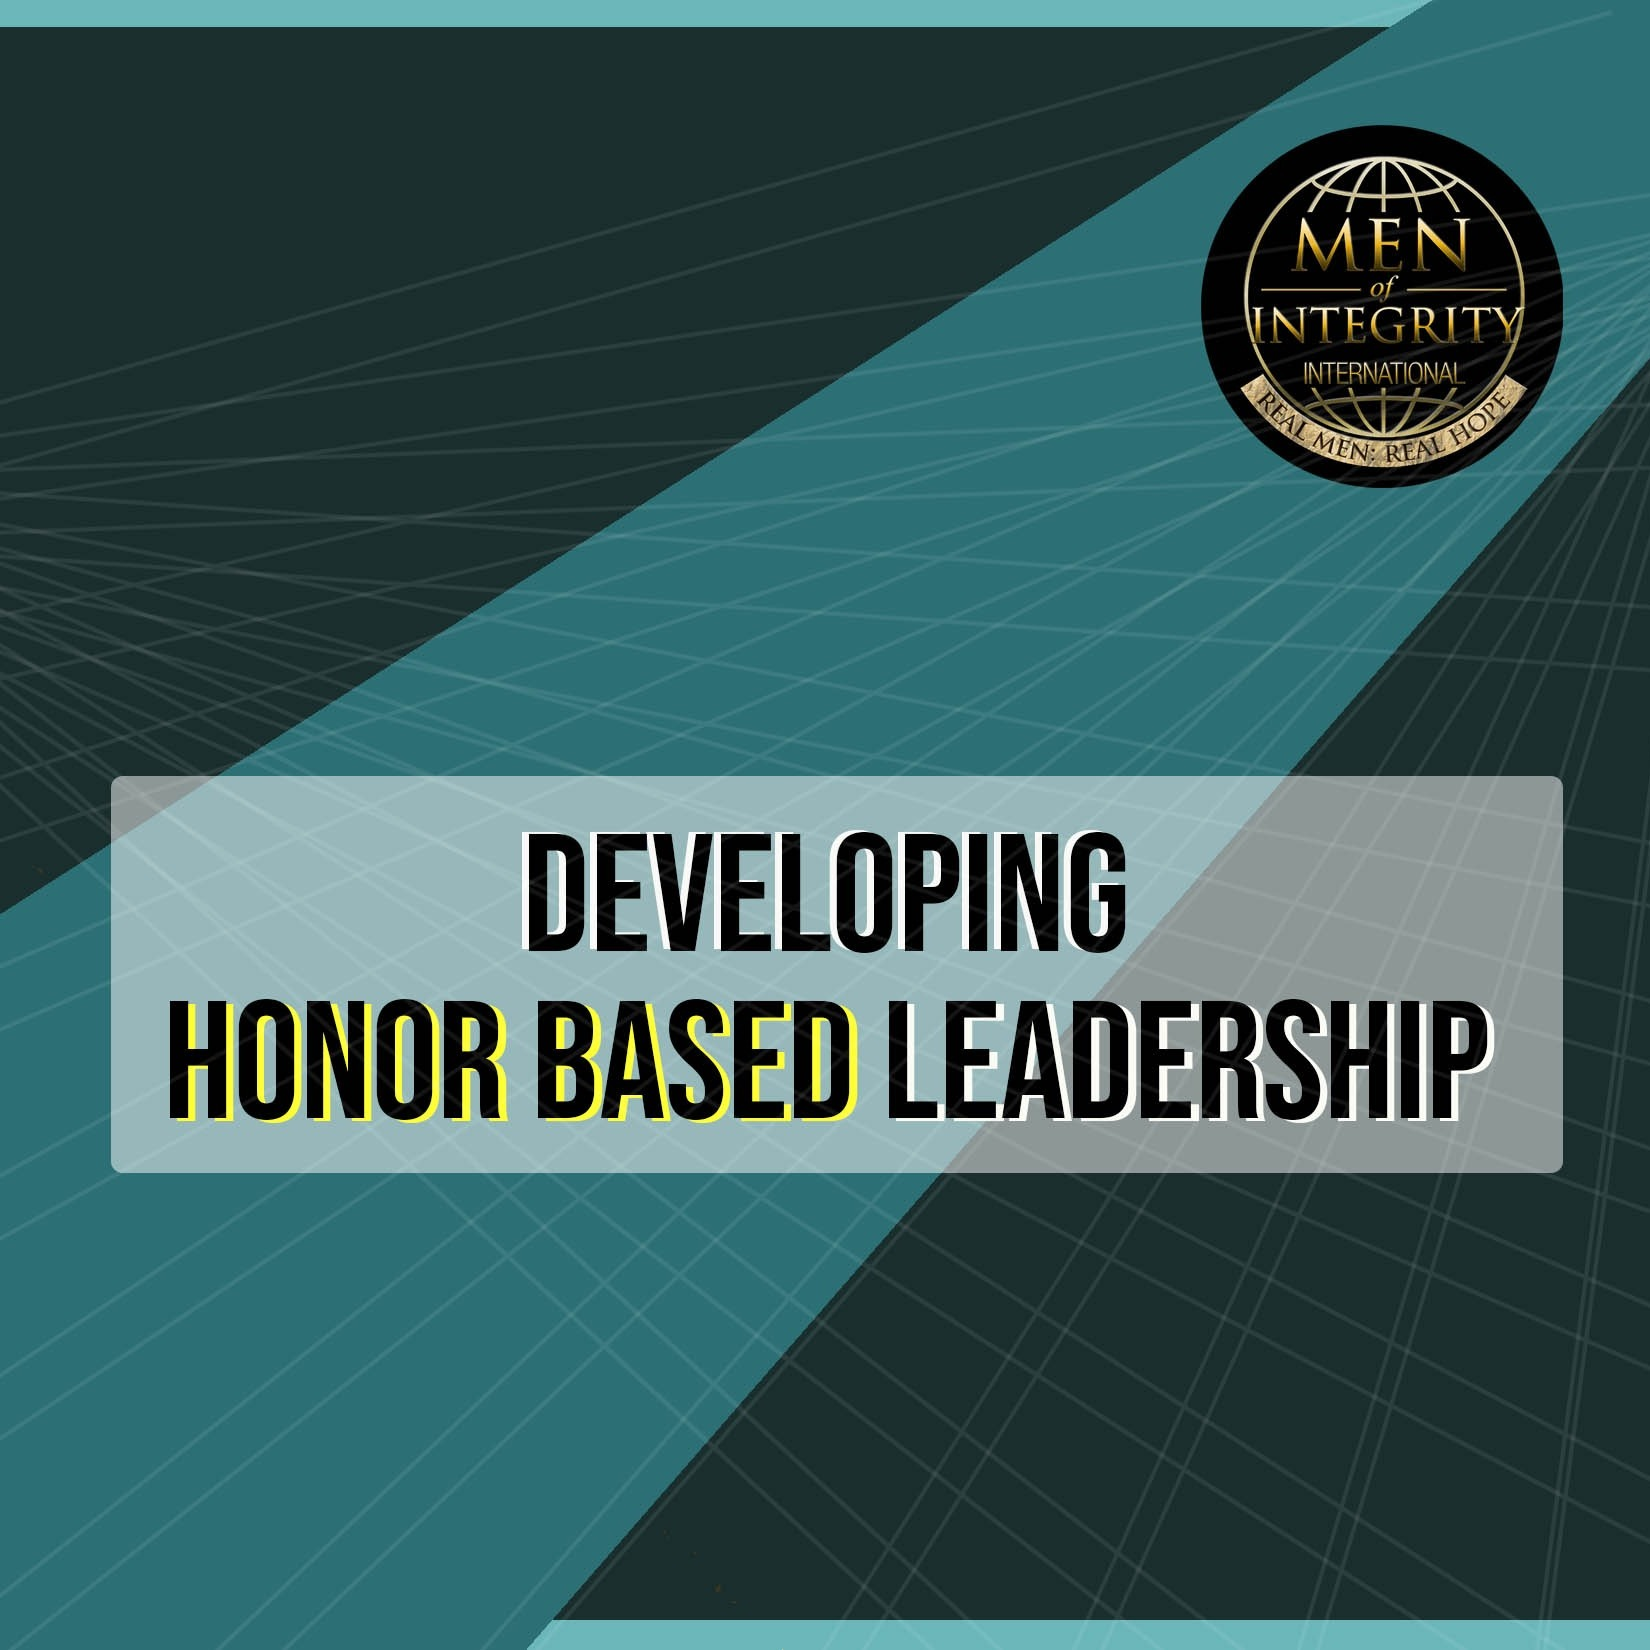 Developing Honor Based Leadership